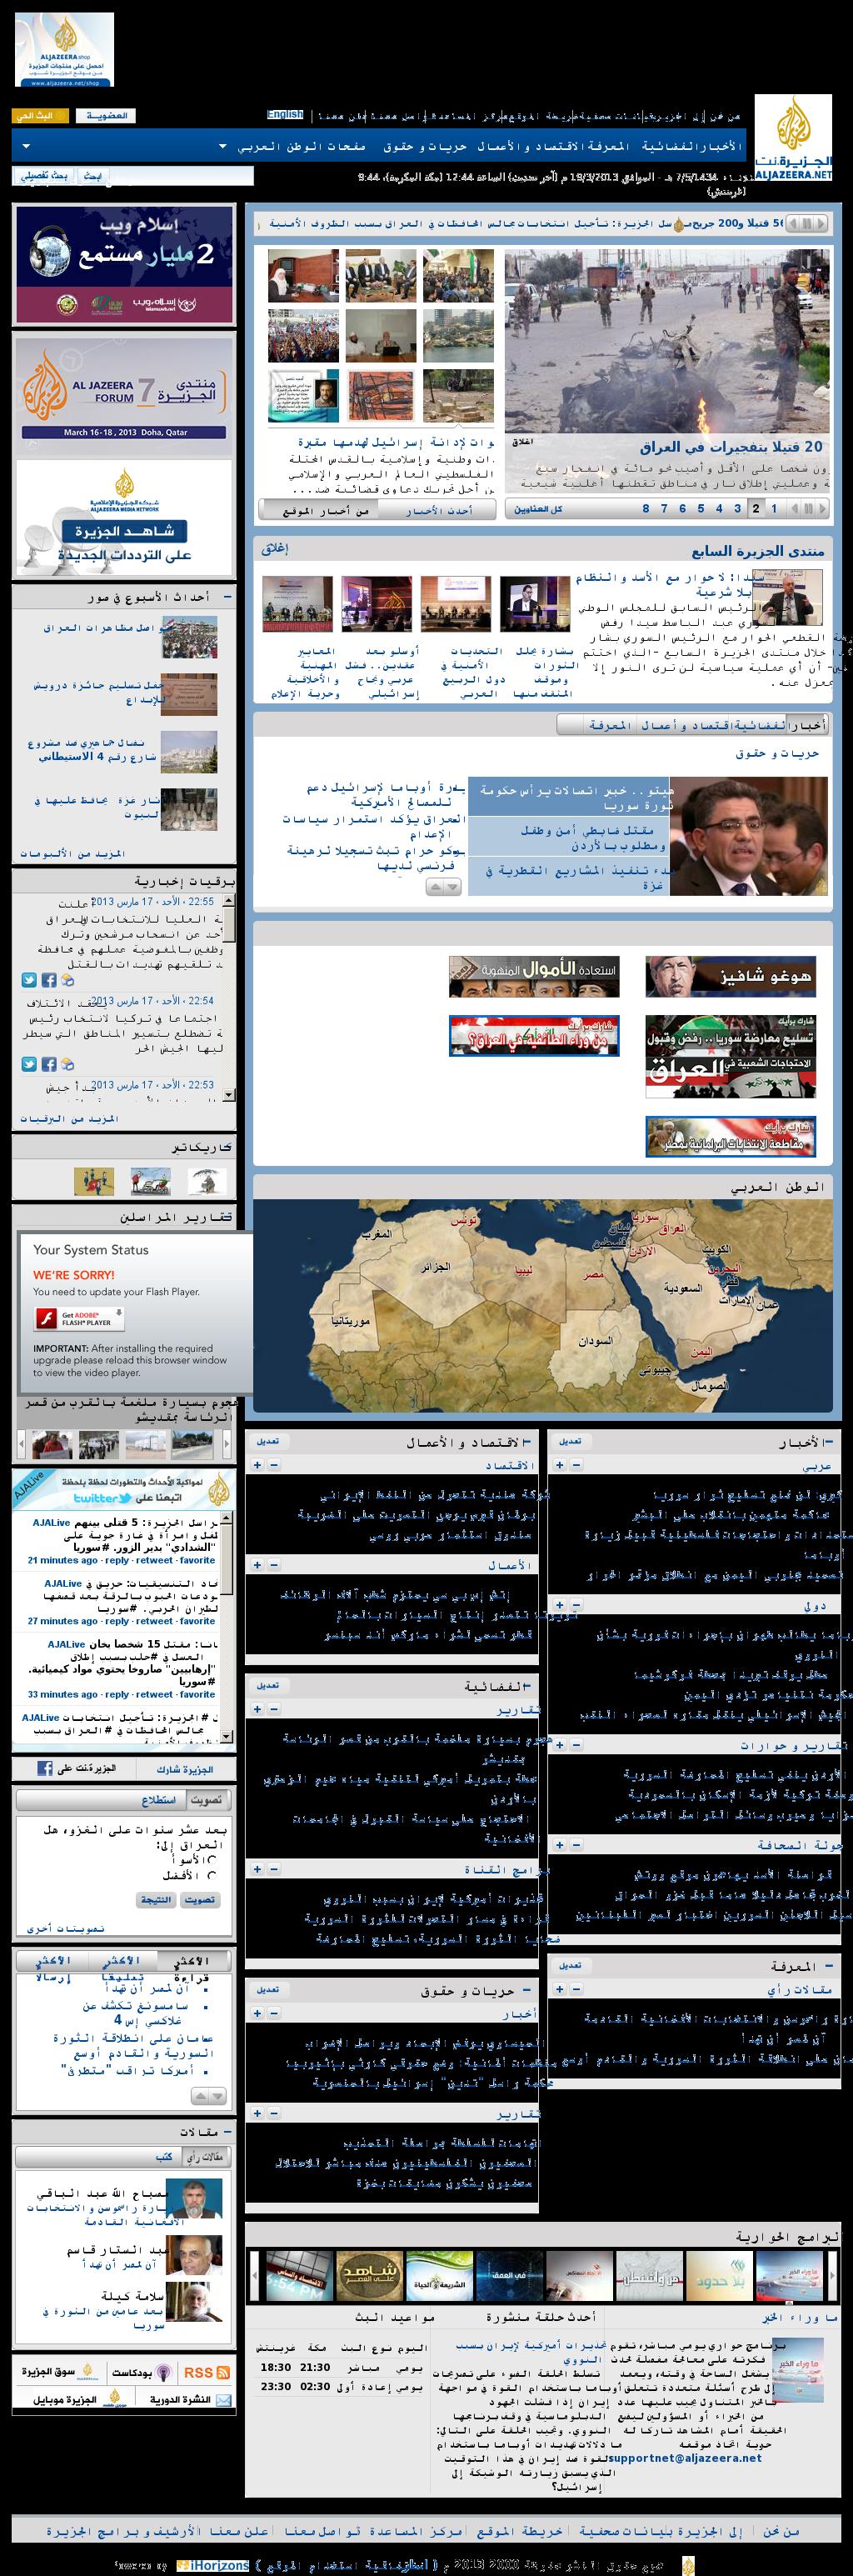 Al Jazeera at Tuesday March 19, 2013, 10:13 a.m. UTC